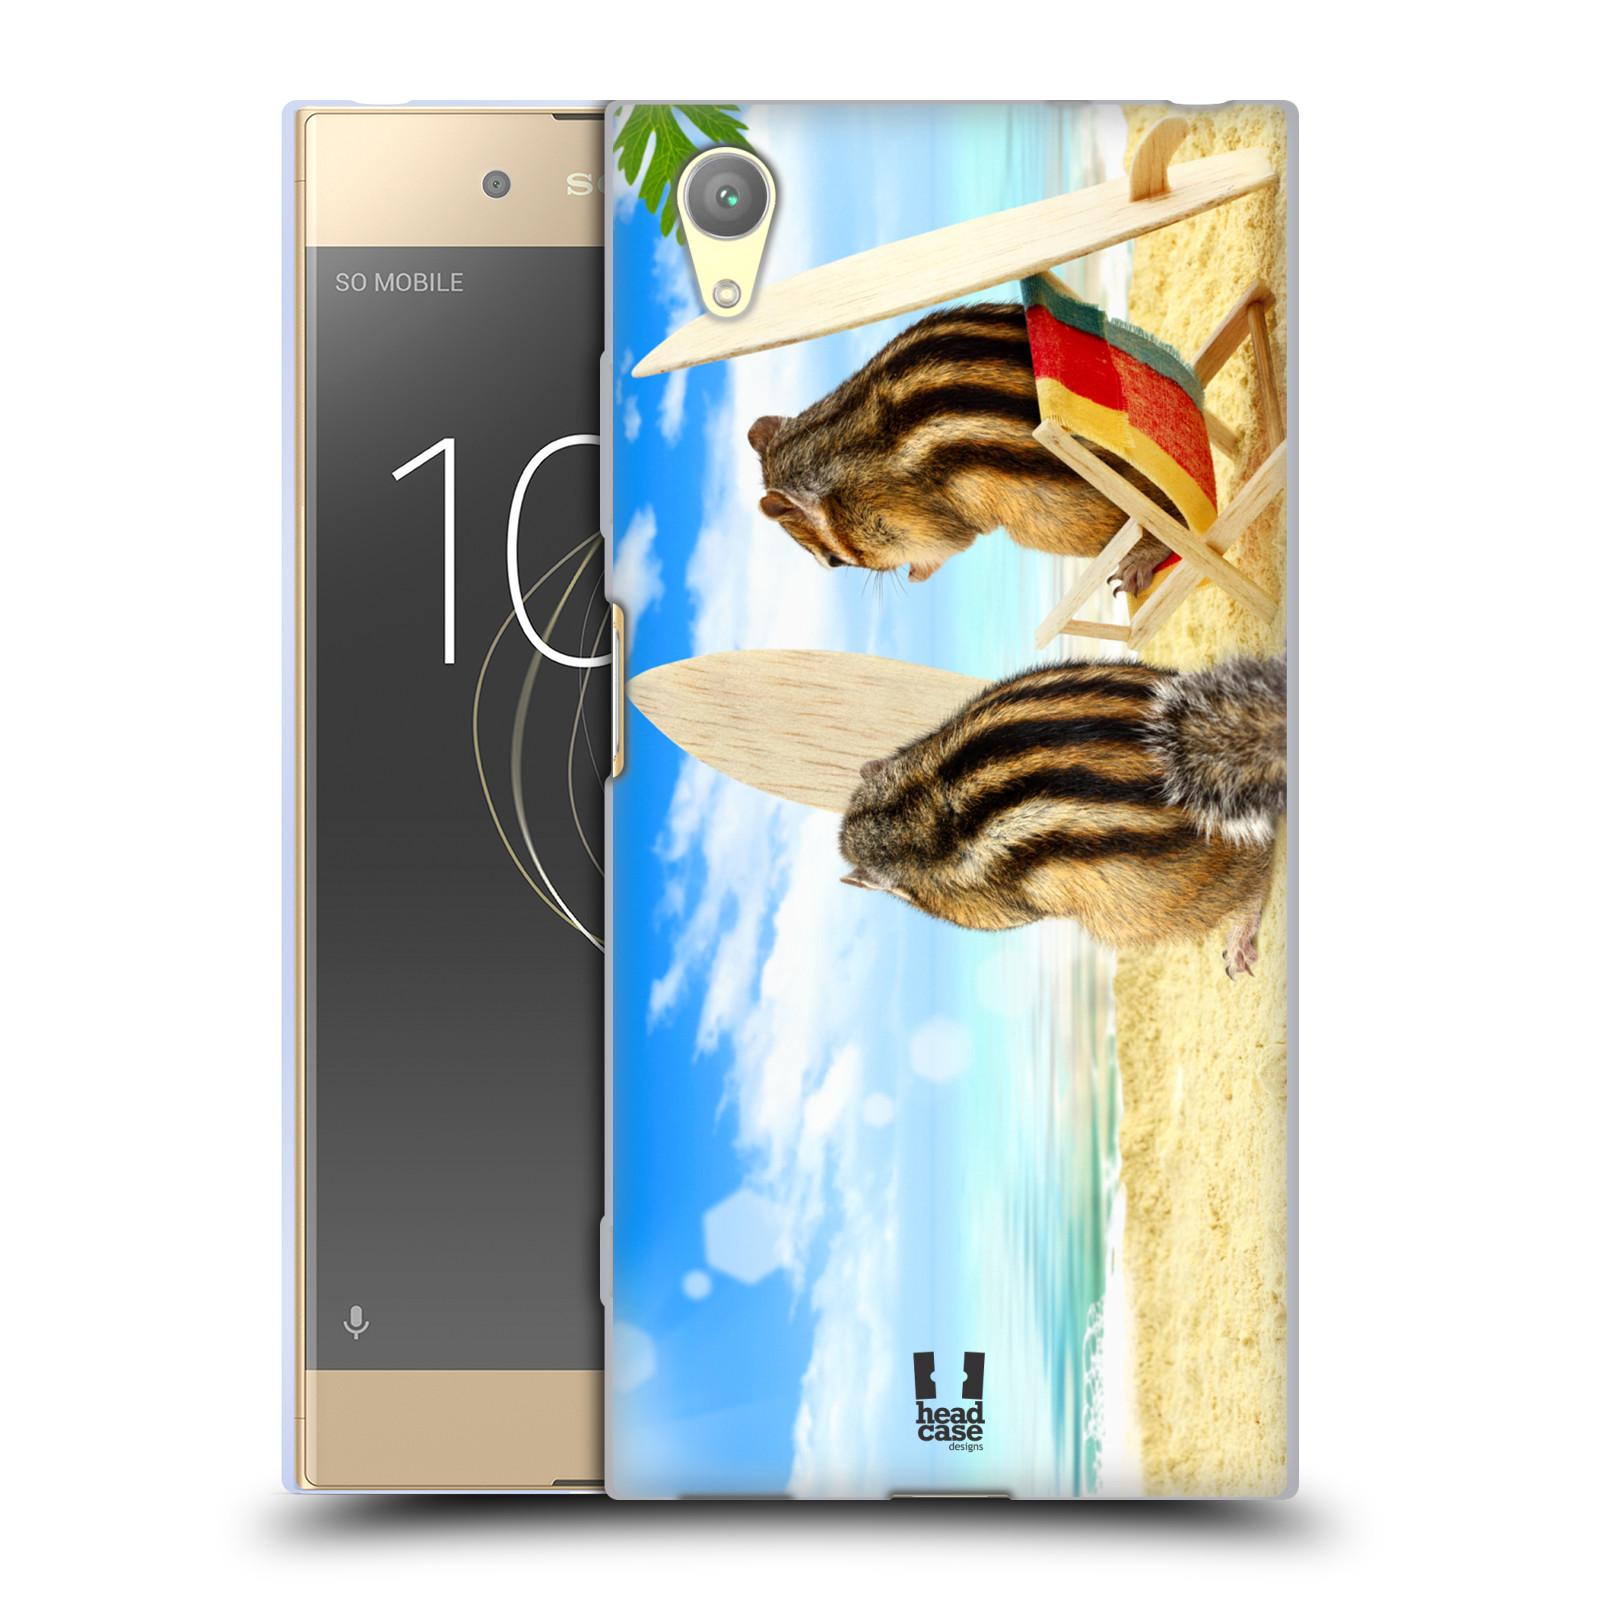 HEAD CASE silikonový obal na mobil Sony Xperia XA1 PLUS vzor Legrační zvířátka veverky surfaři u moře